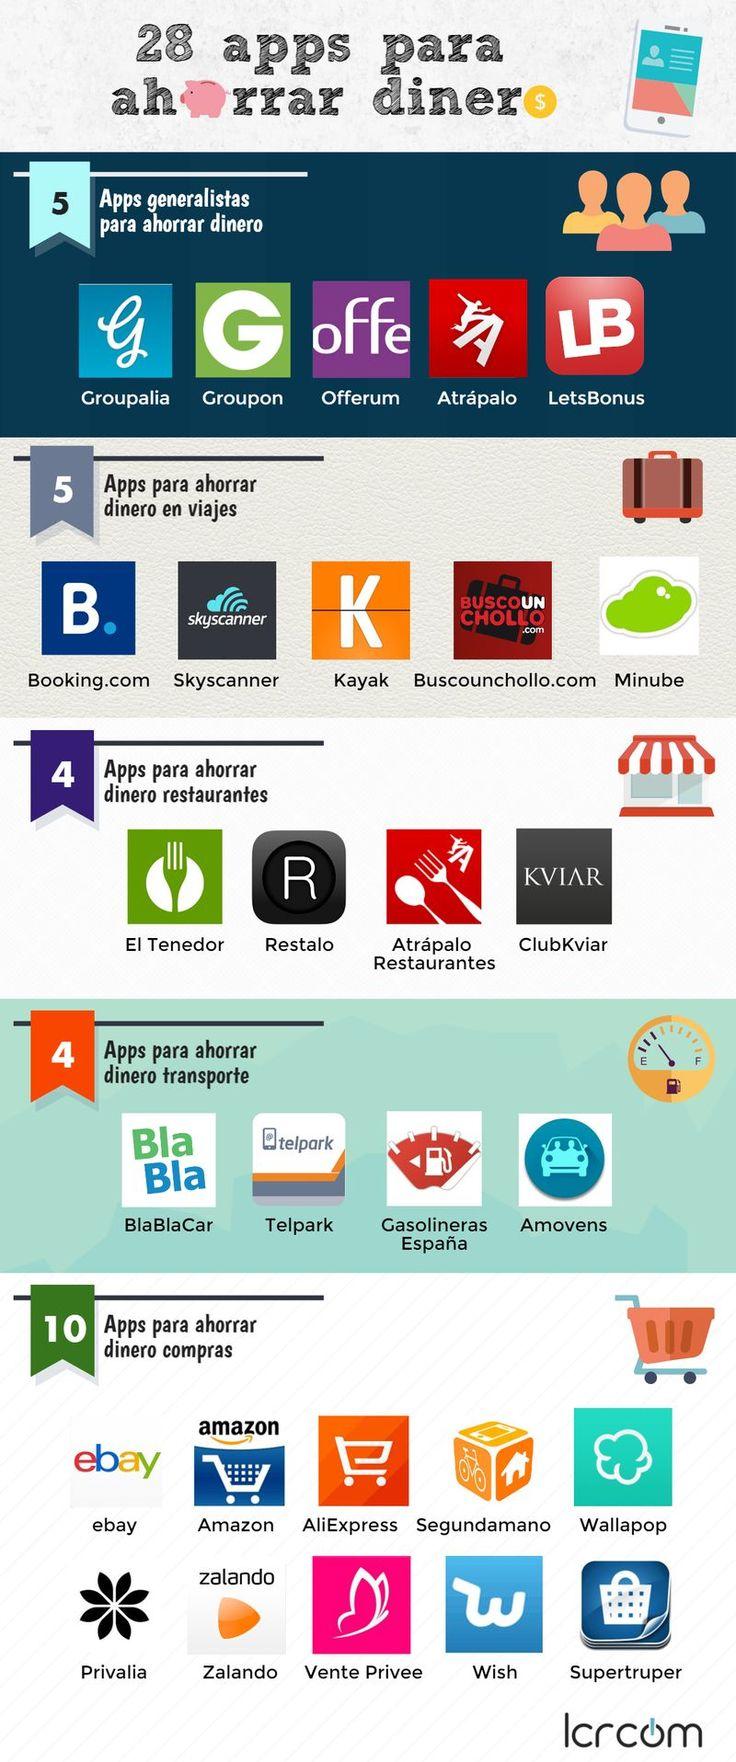 Excelente infografía con 28 apps móviles que nos ayudan a ahorrar dinero en transporte, compras, viajes, restaurantes y más.